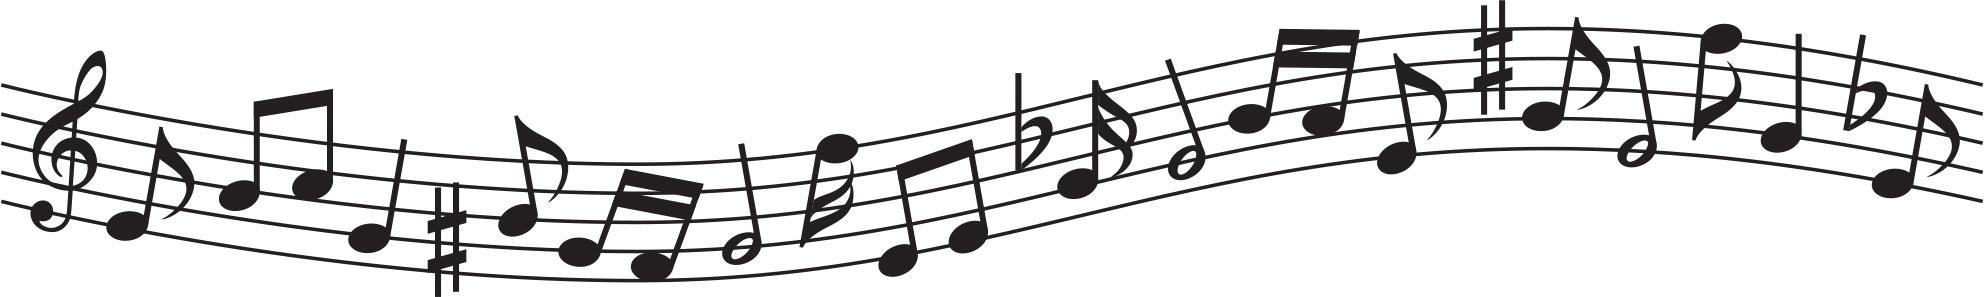 音楽 音符 イラスト フリー に対する画像結果